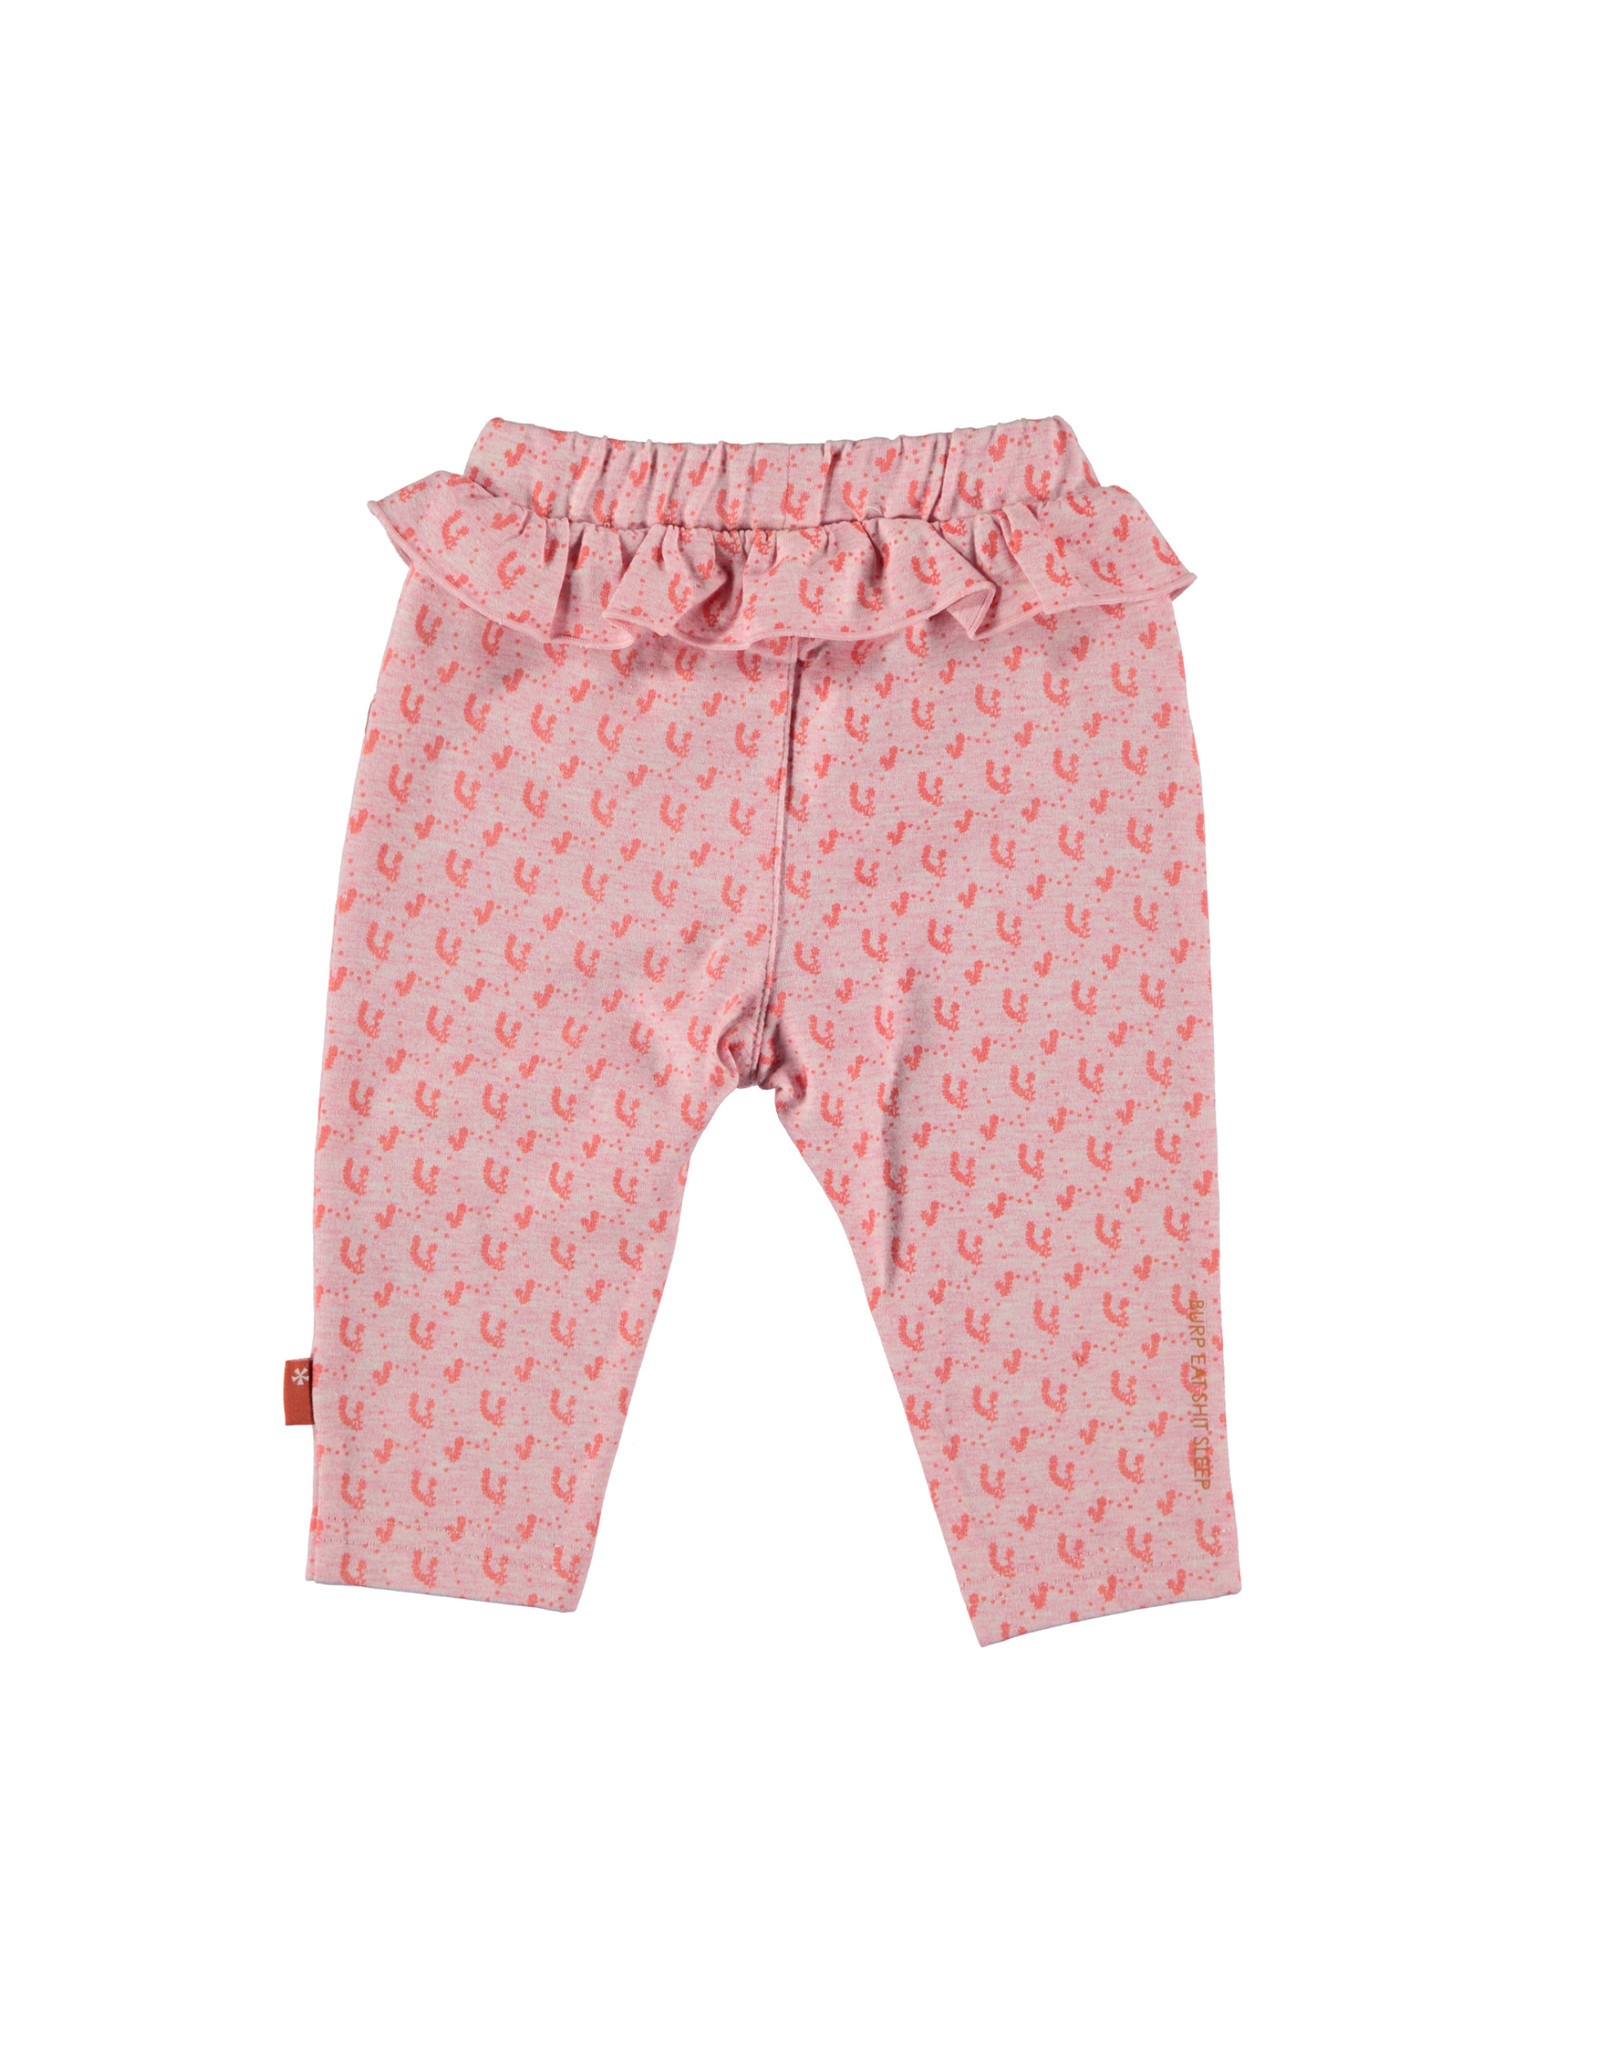 B.E.S.S. Pants AOP Flower Ruffles, Pink